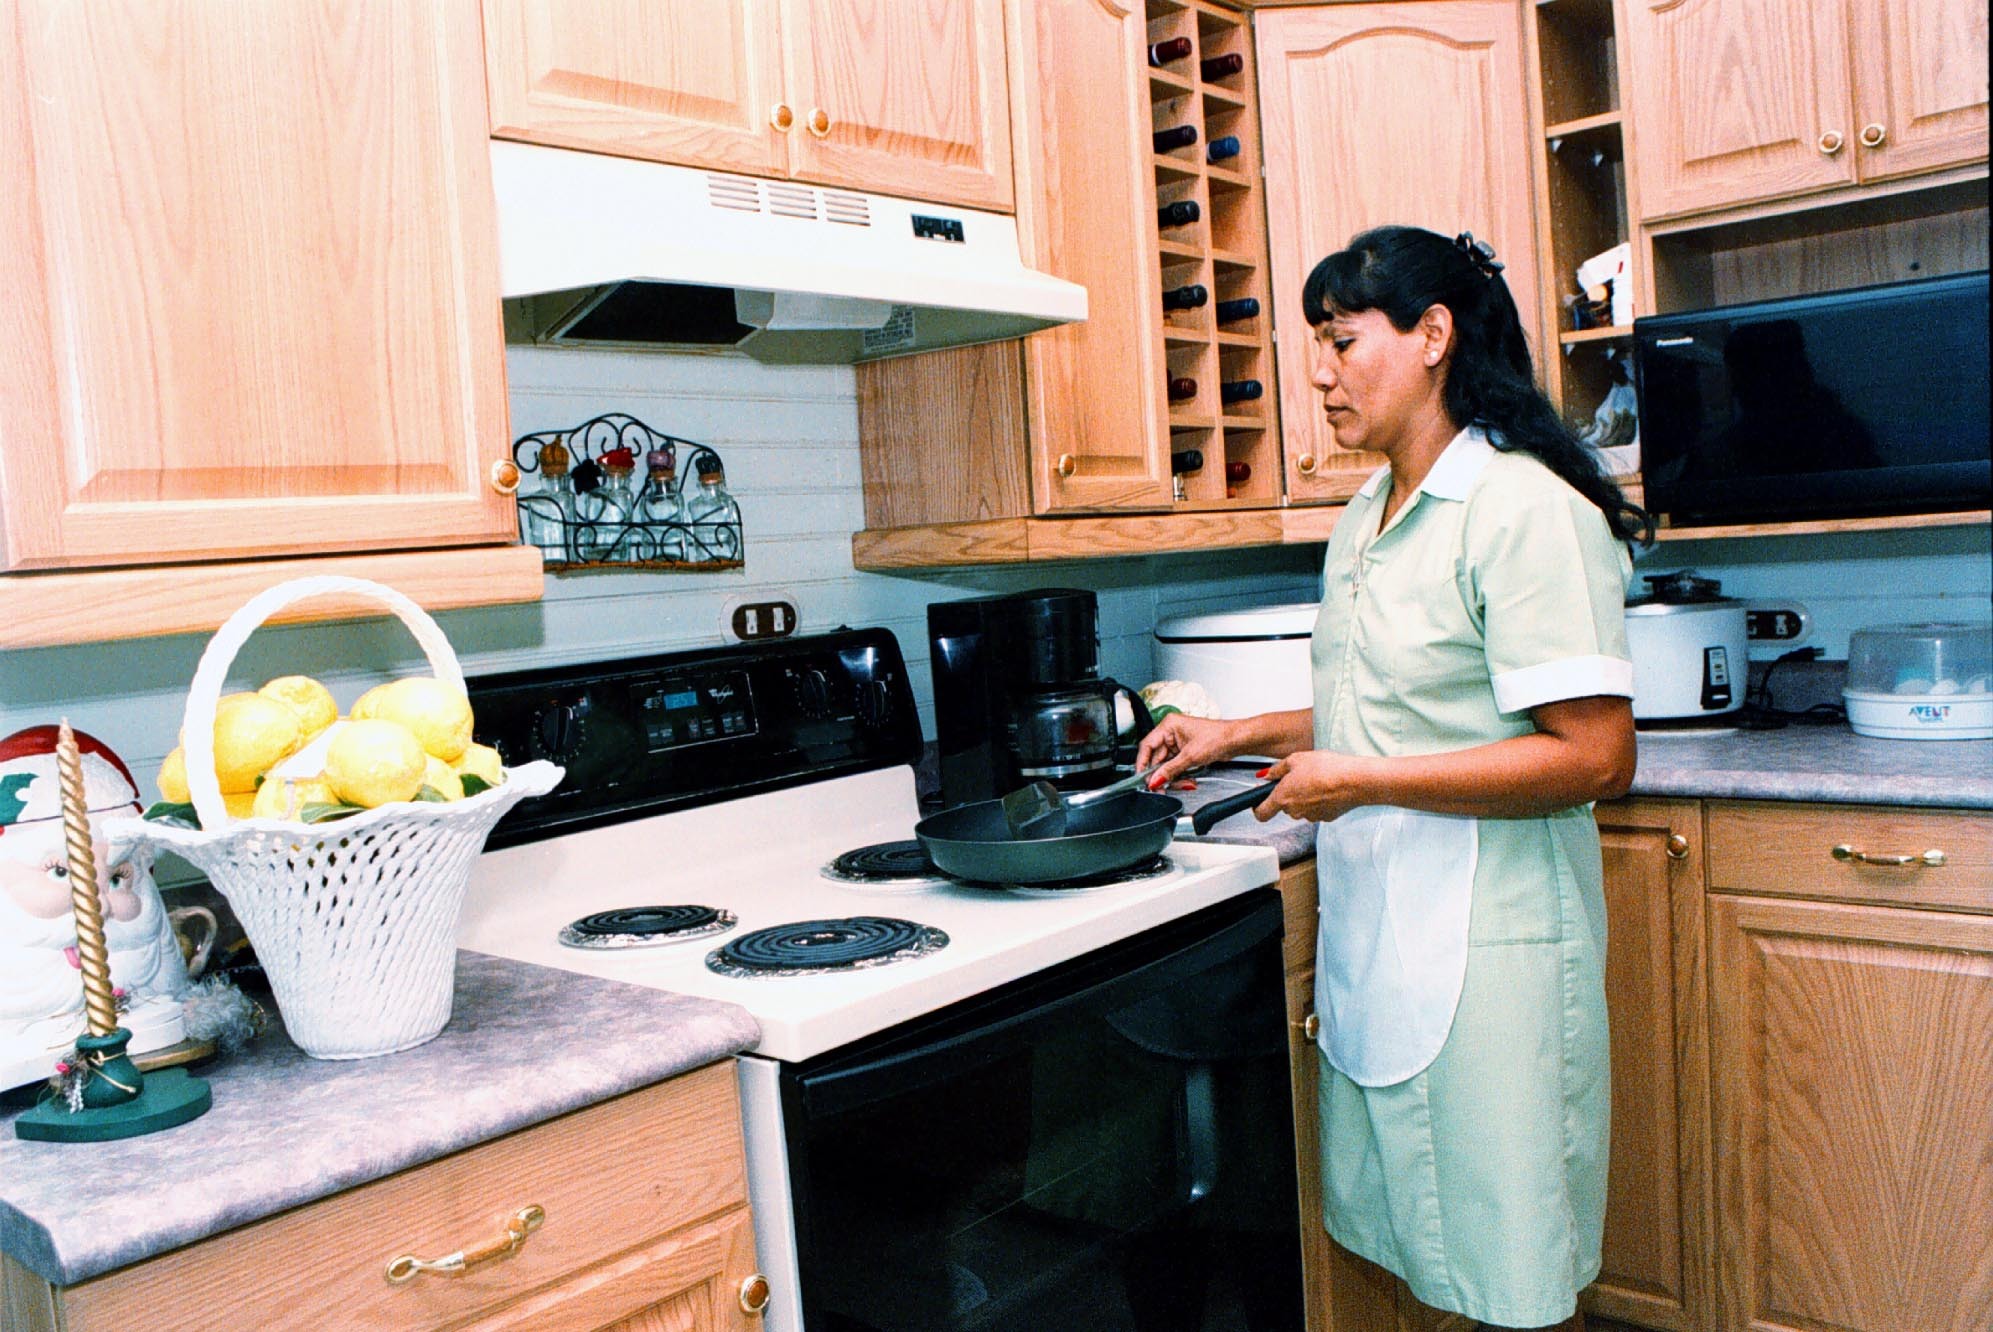 98% de trabajadoras domésticas sin contrato laboral